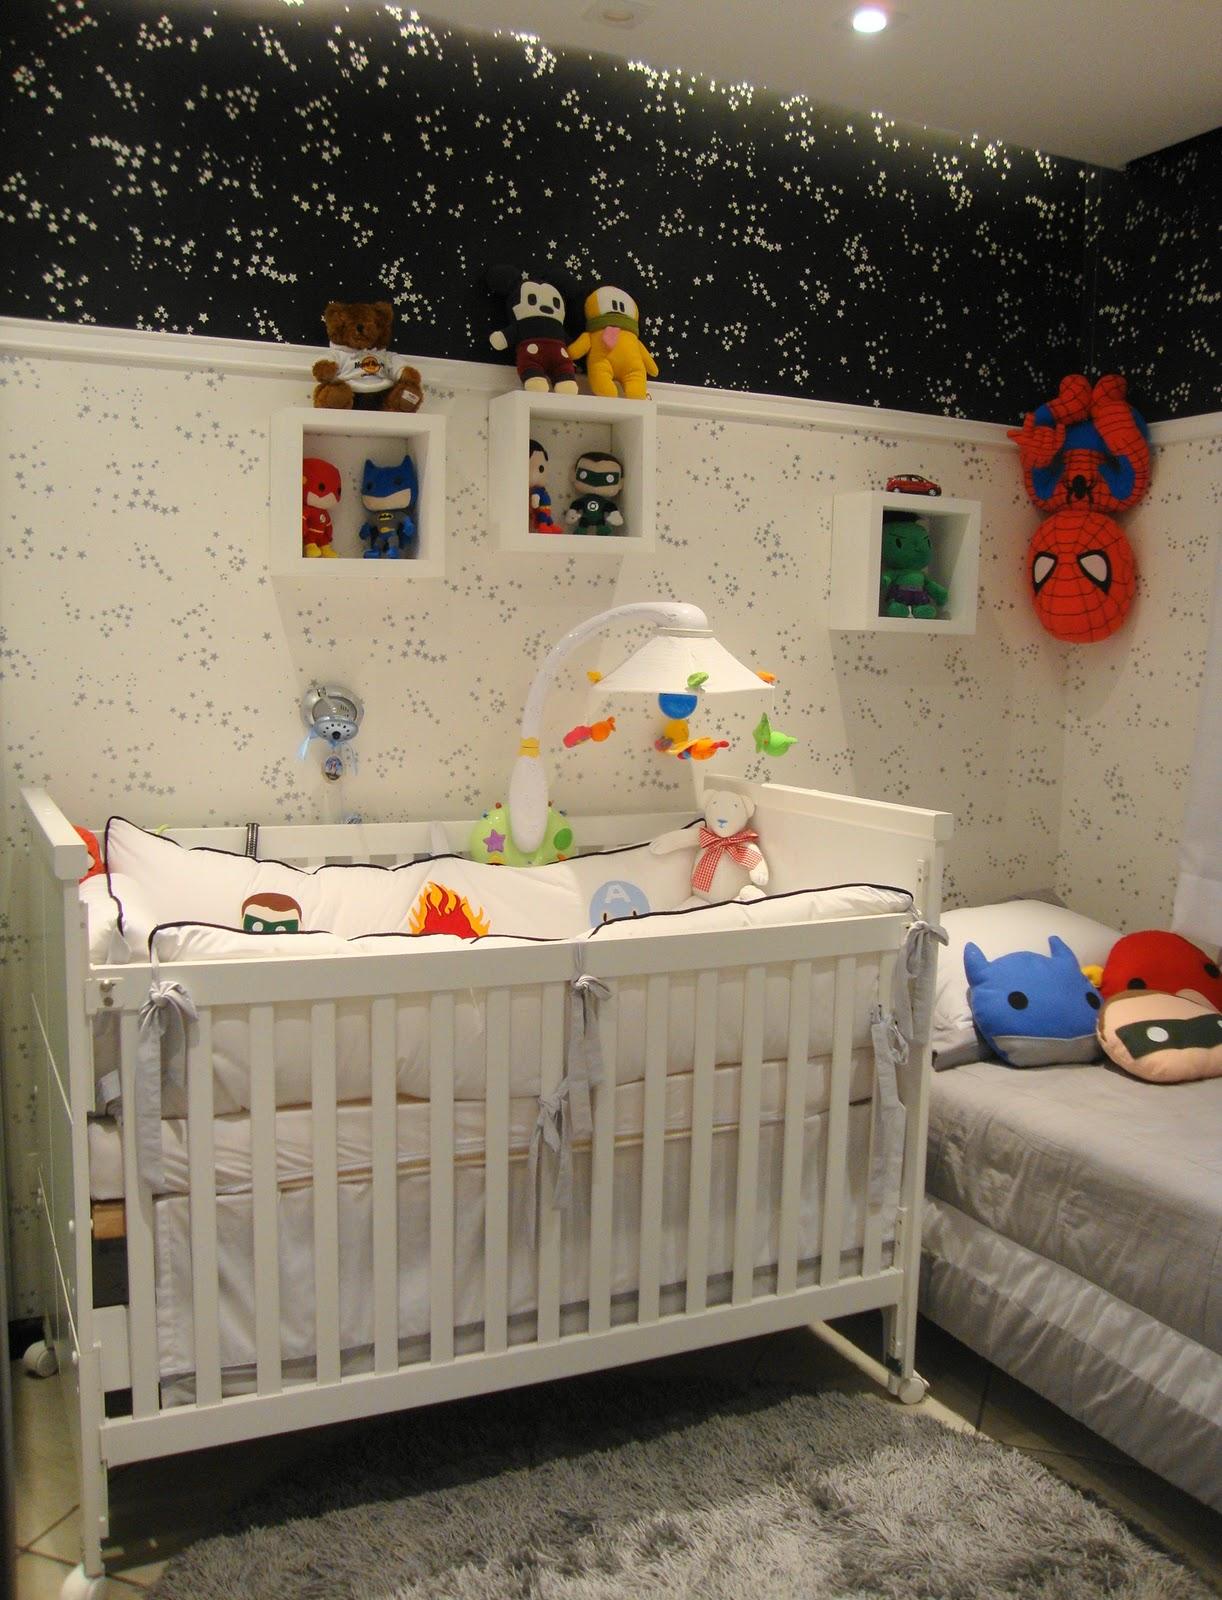 #B52716 Ideias para quarto de bebes Projeto pronto:Online Sua Revista Gratis  1222x1600 px Projeto Cozinha Confeitaria #2489 imagens